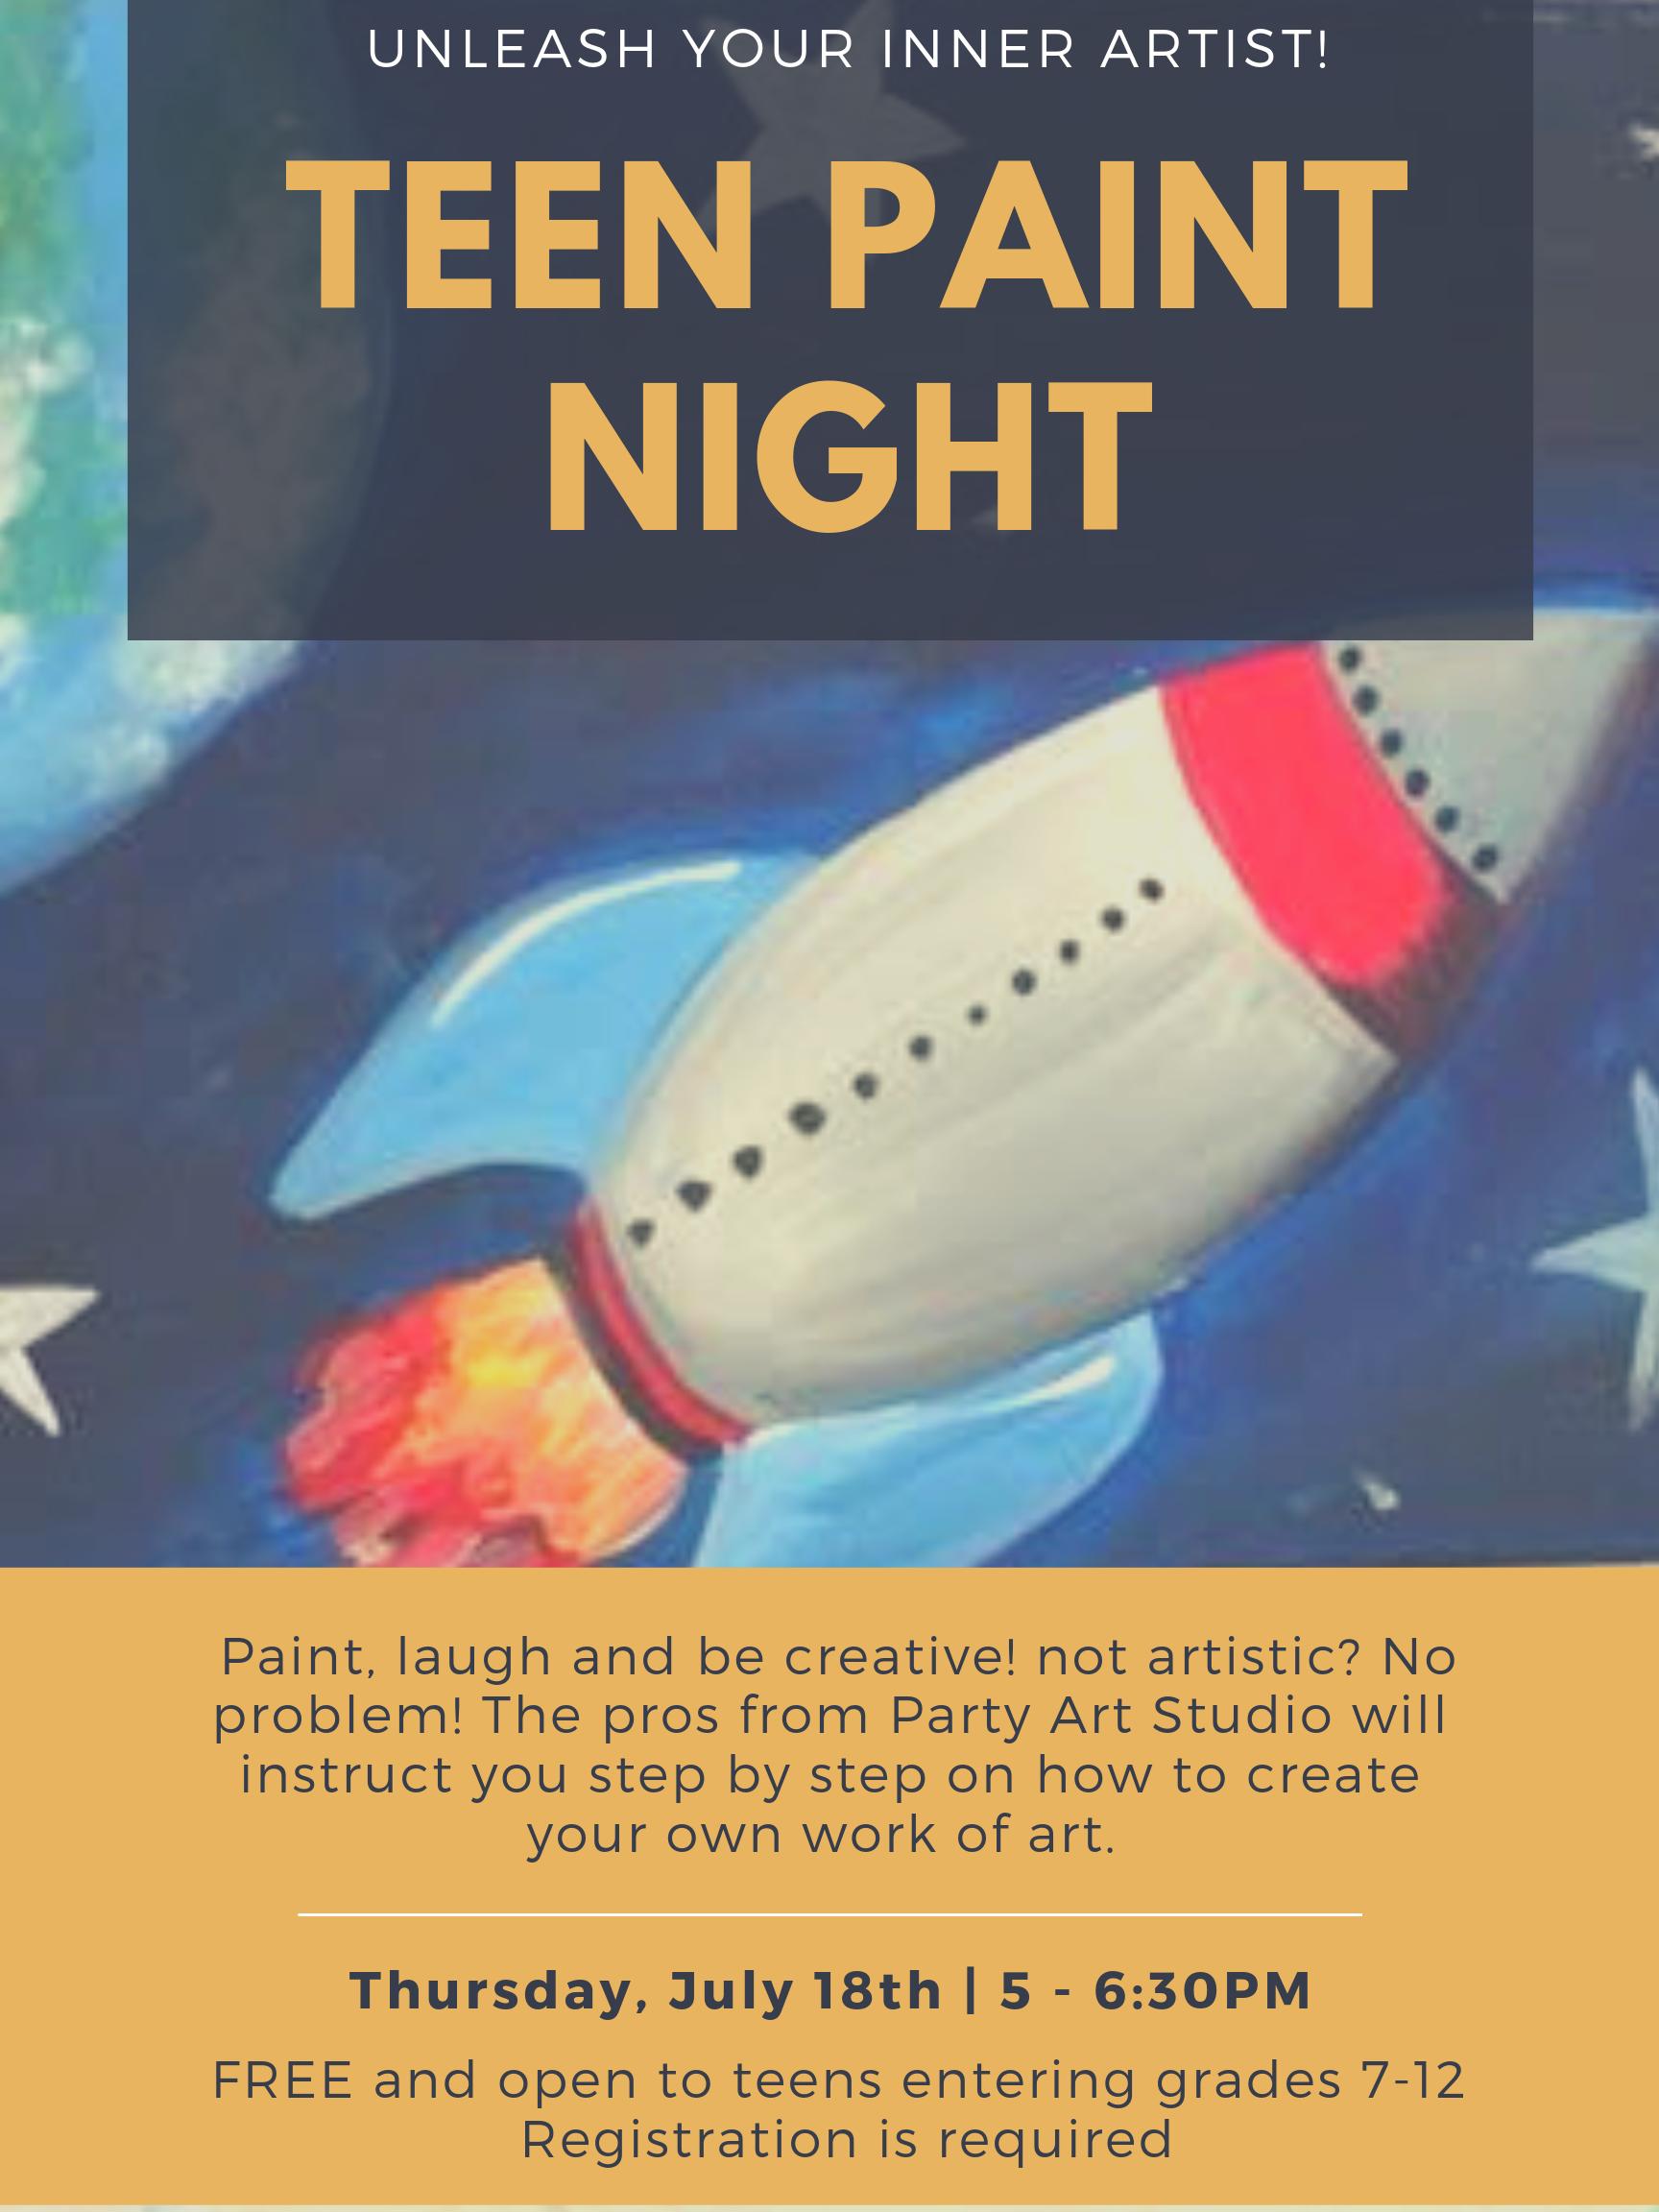 Teen Paint Night